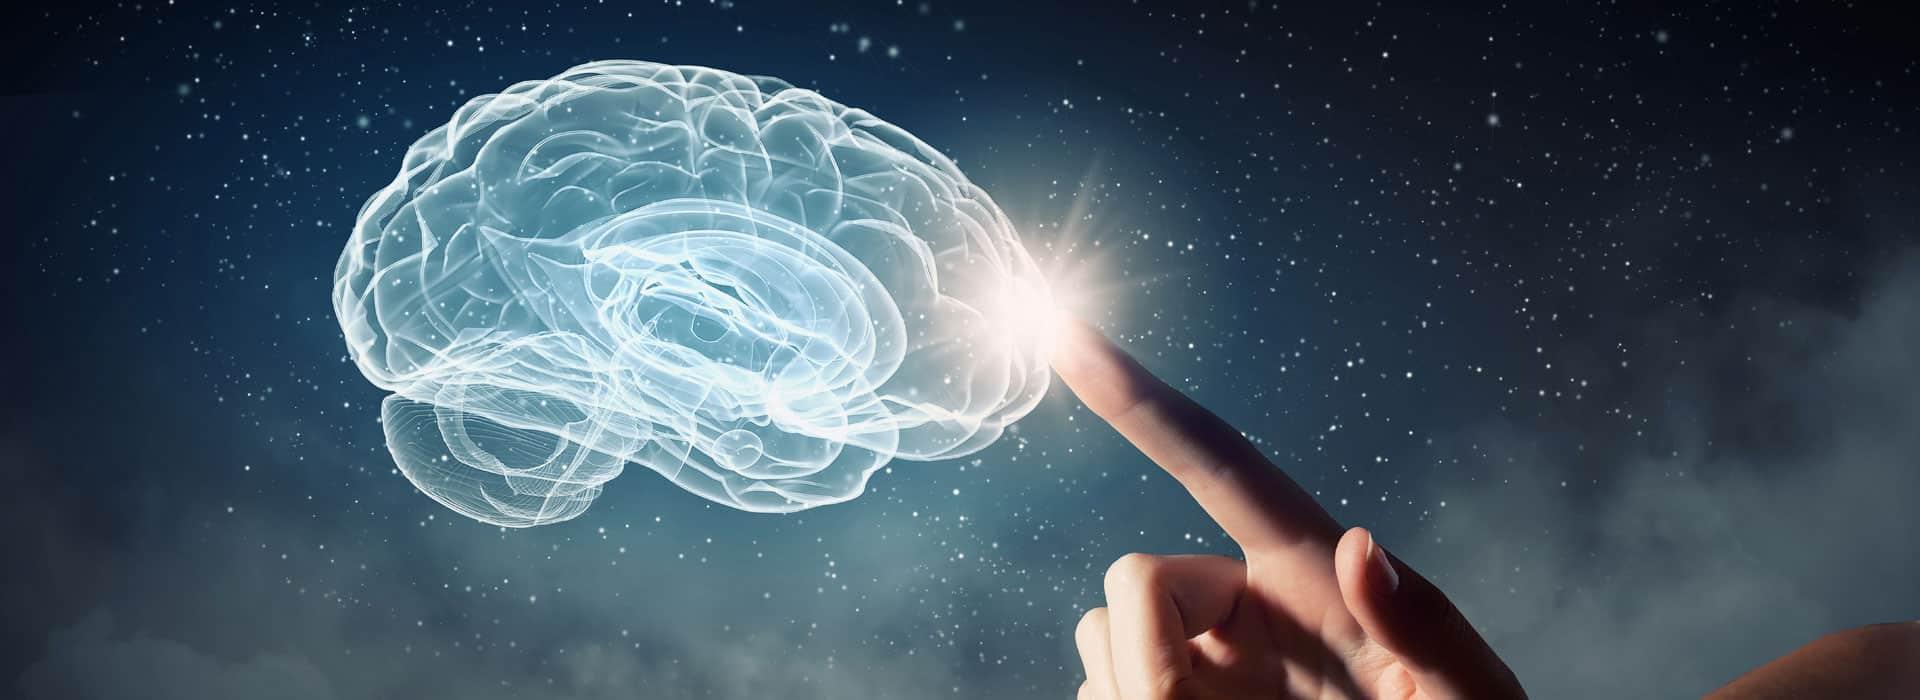 Die Ausbildung zum Psychologischen Berater